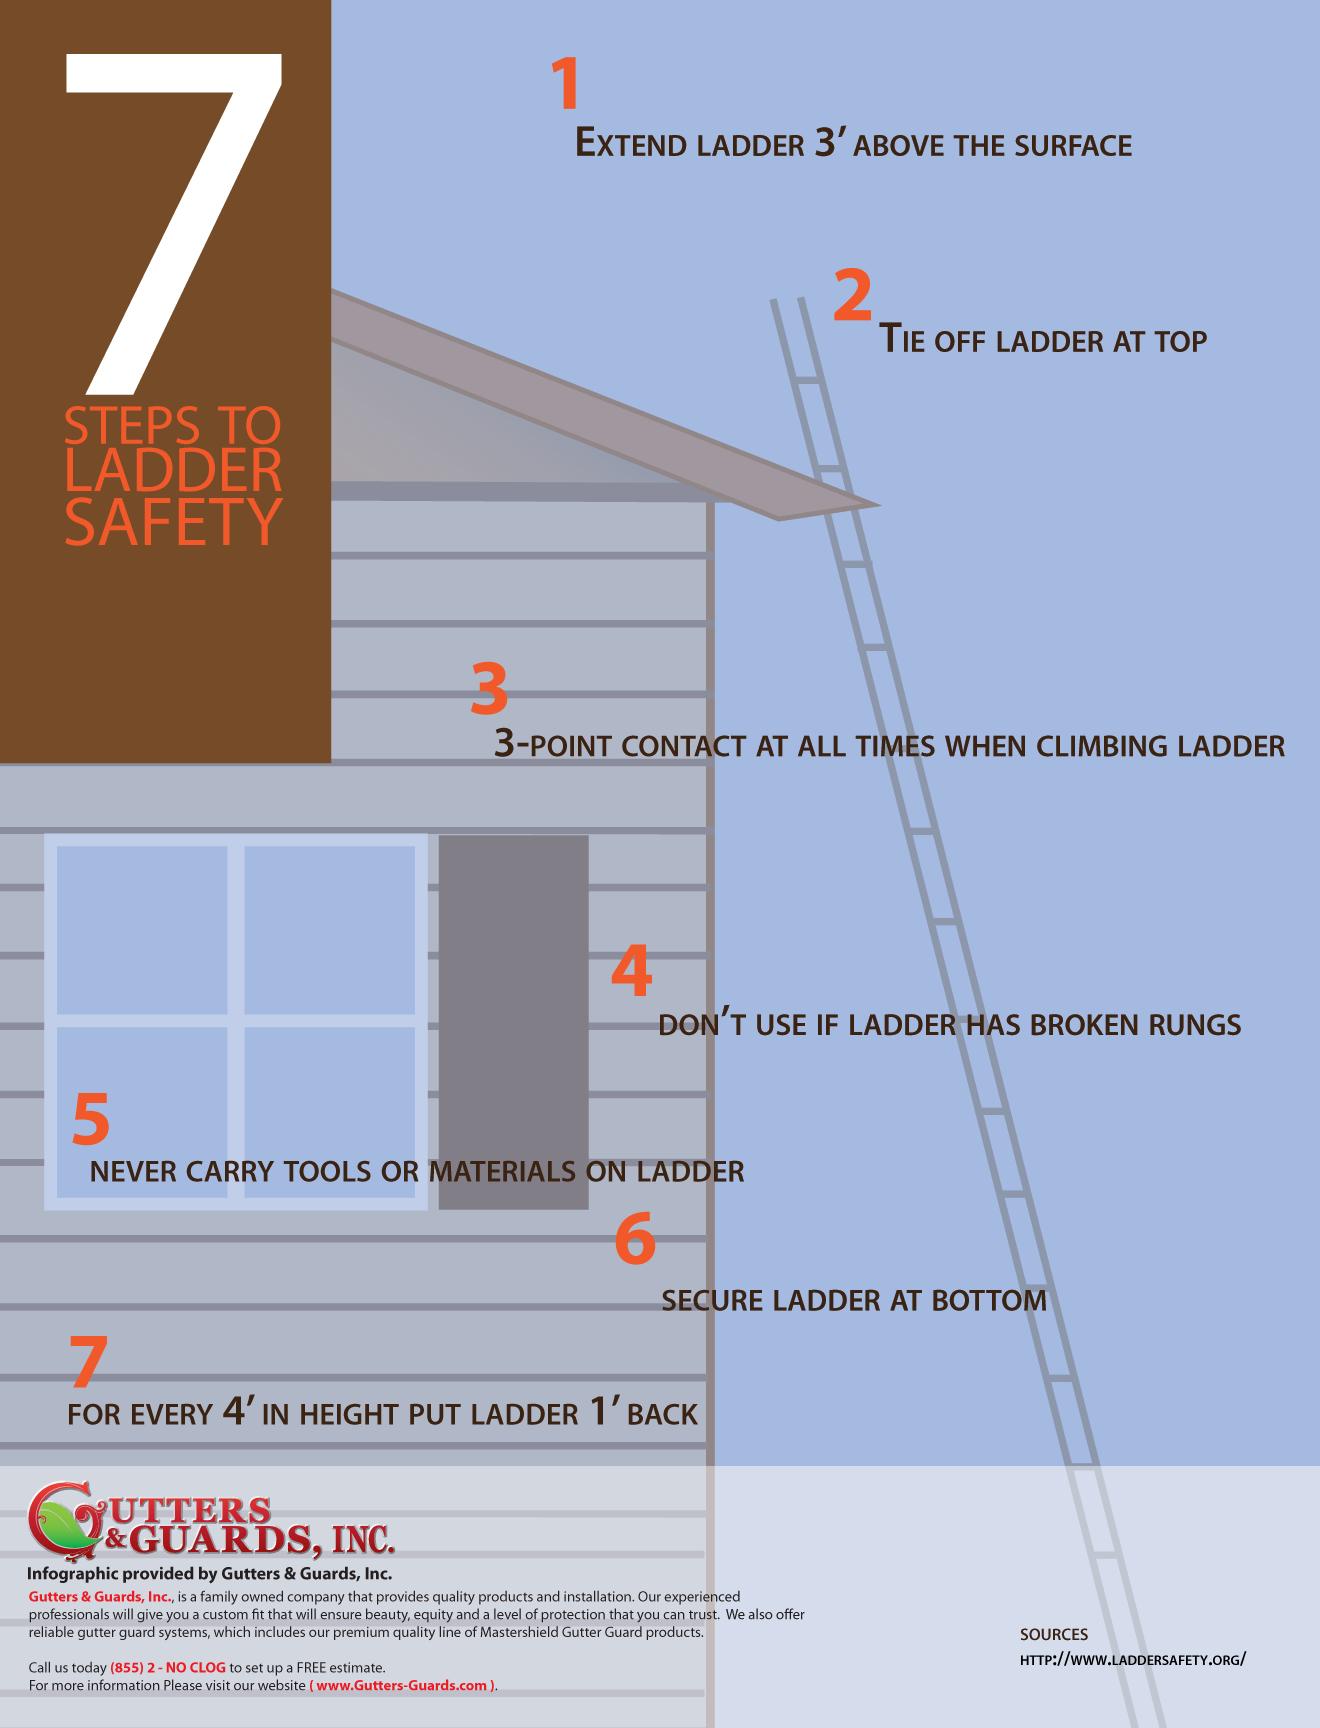 Gutter maintenance tips 16 practice ladder safety for Ladder safety tips